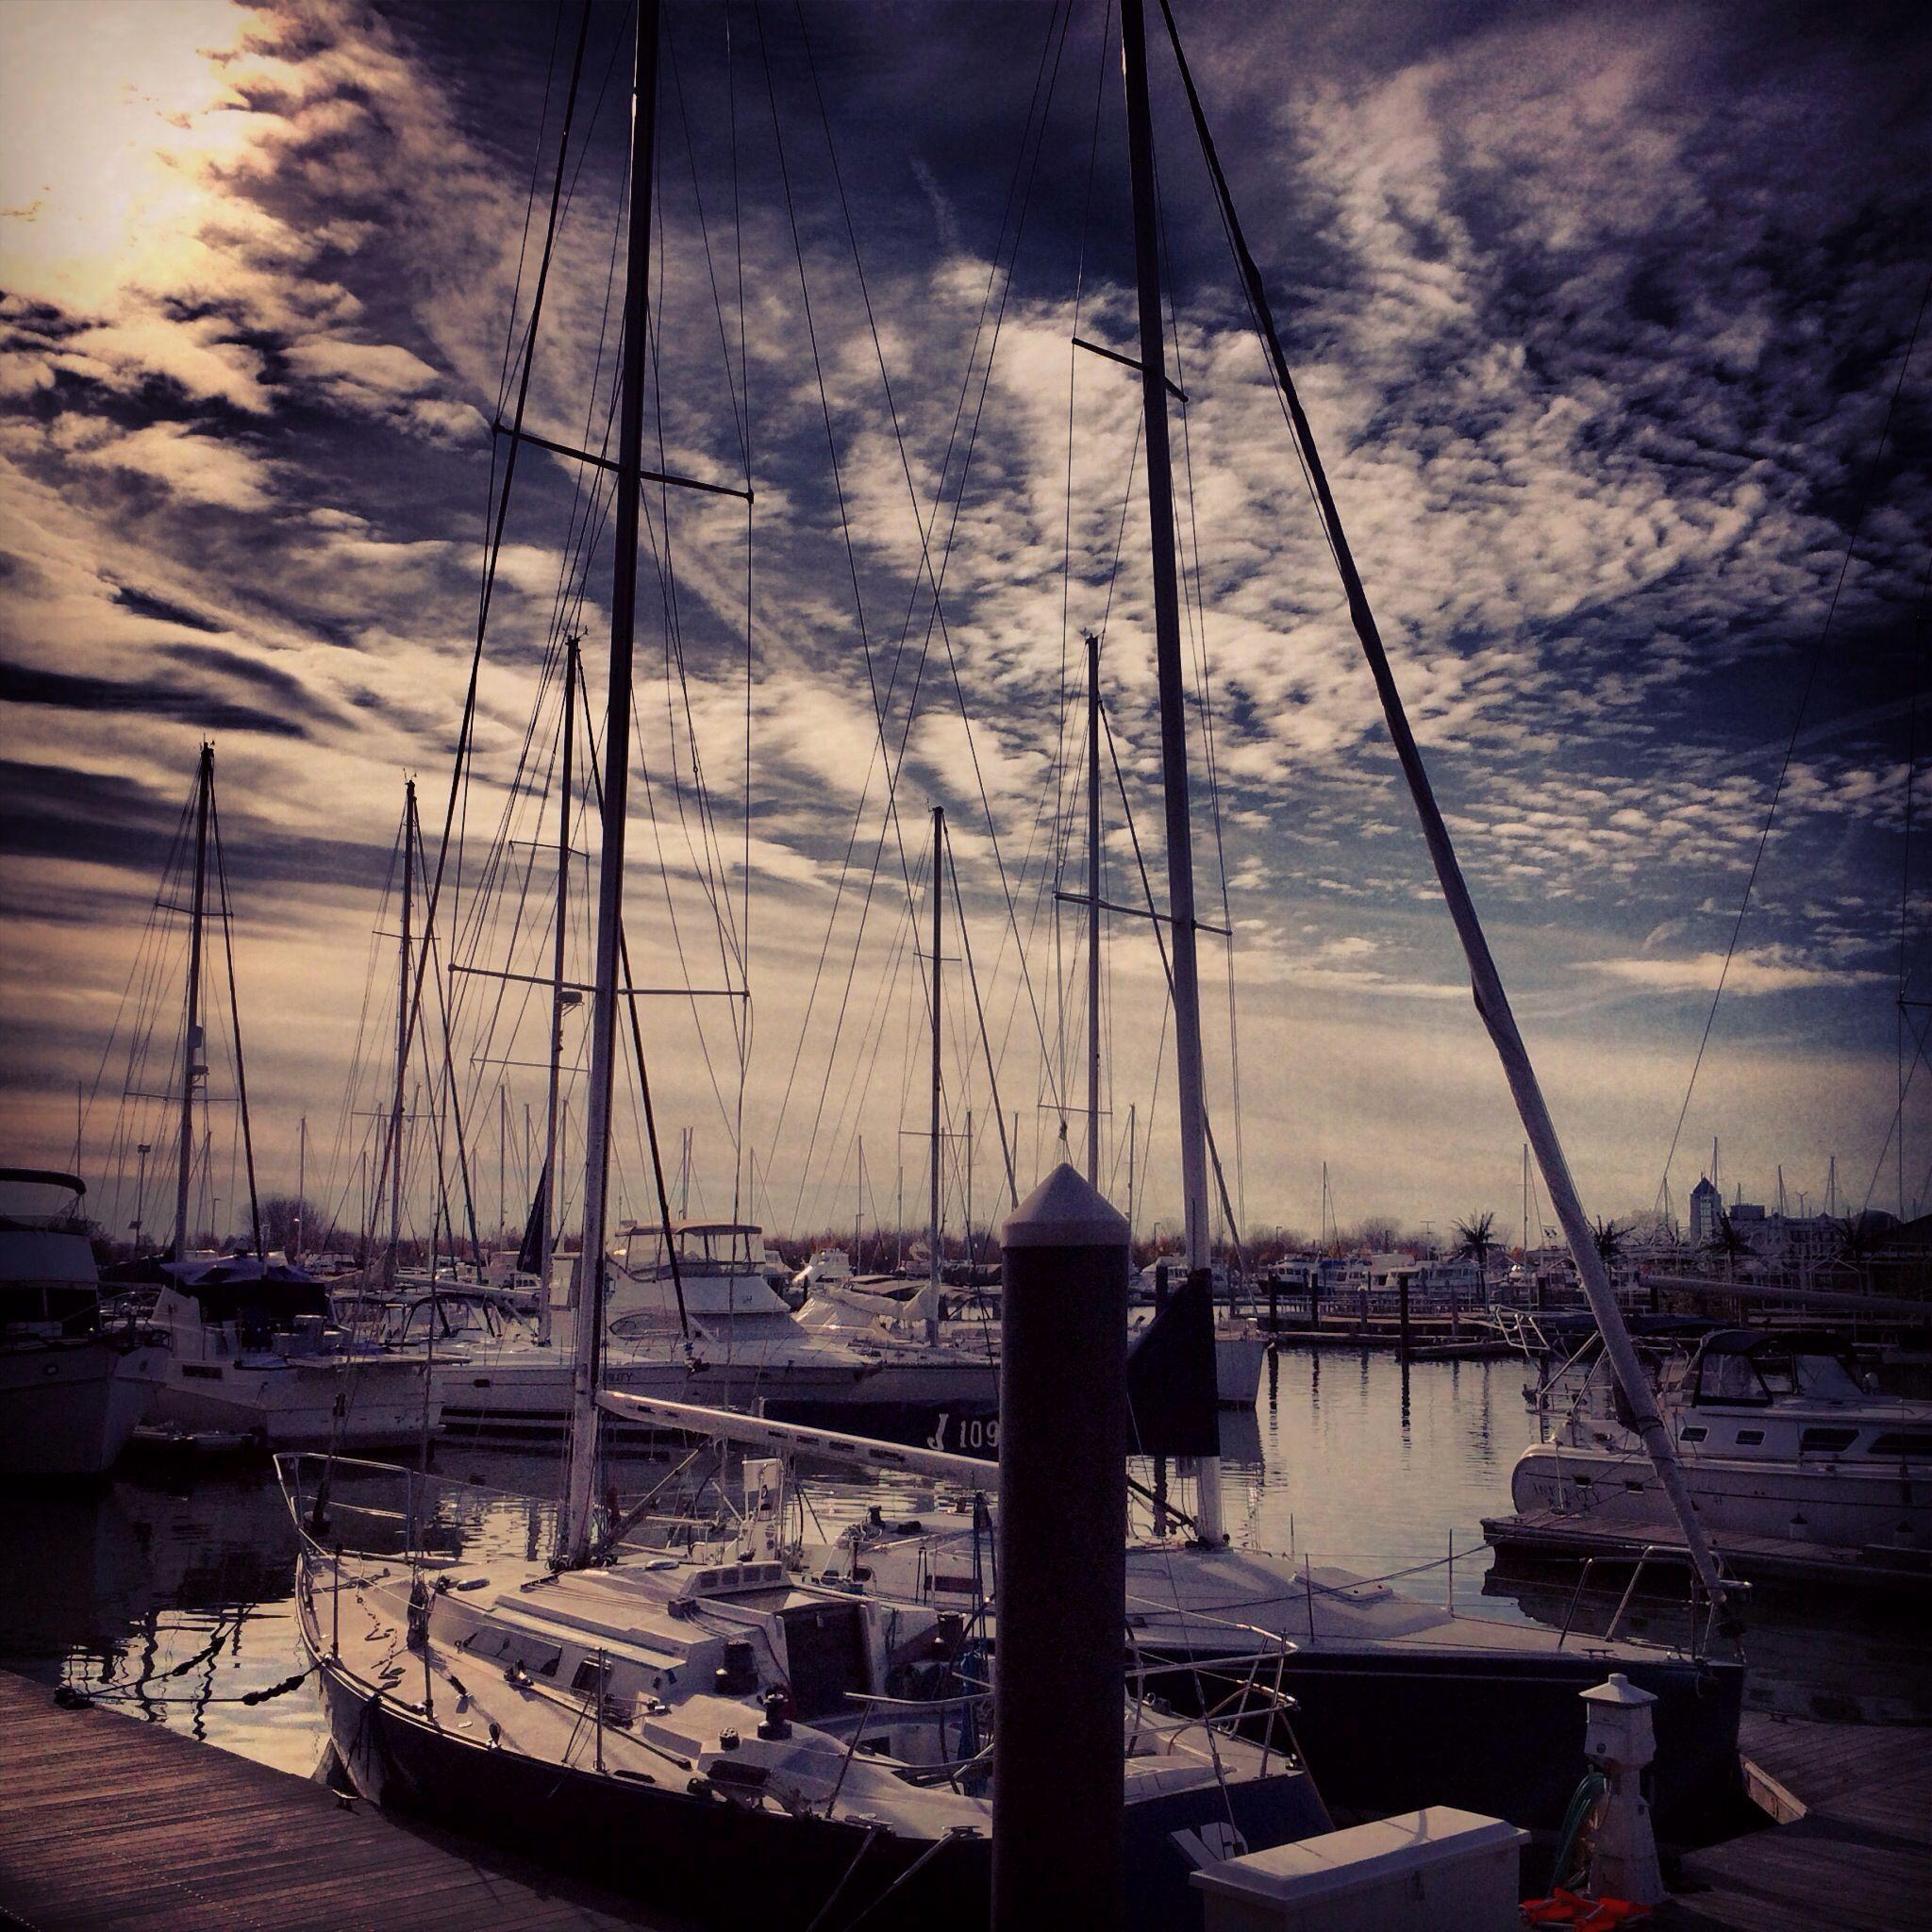 Marina #jerseycity